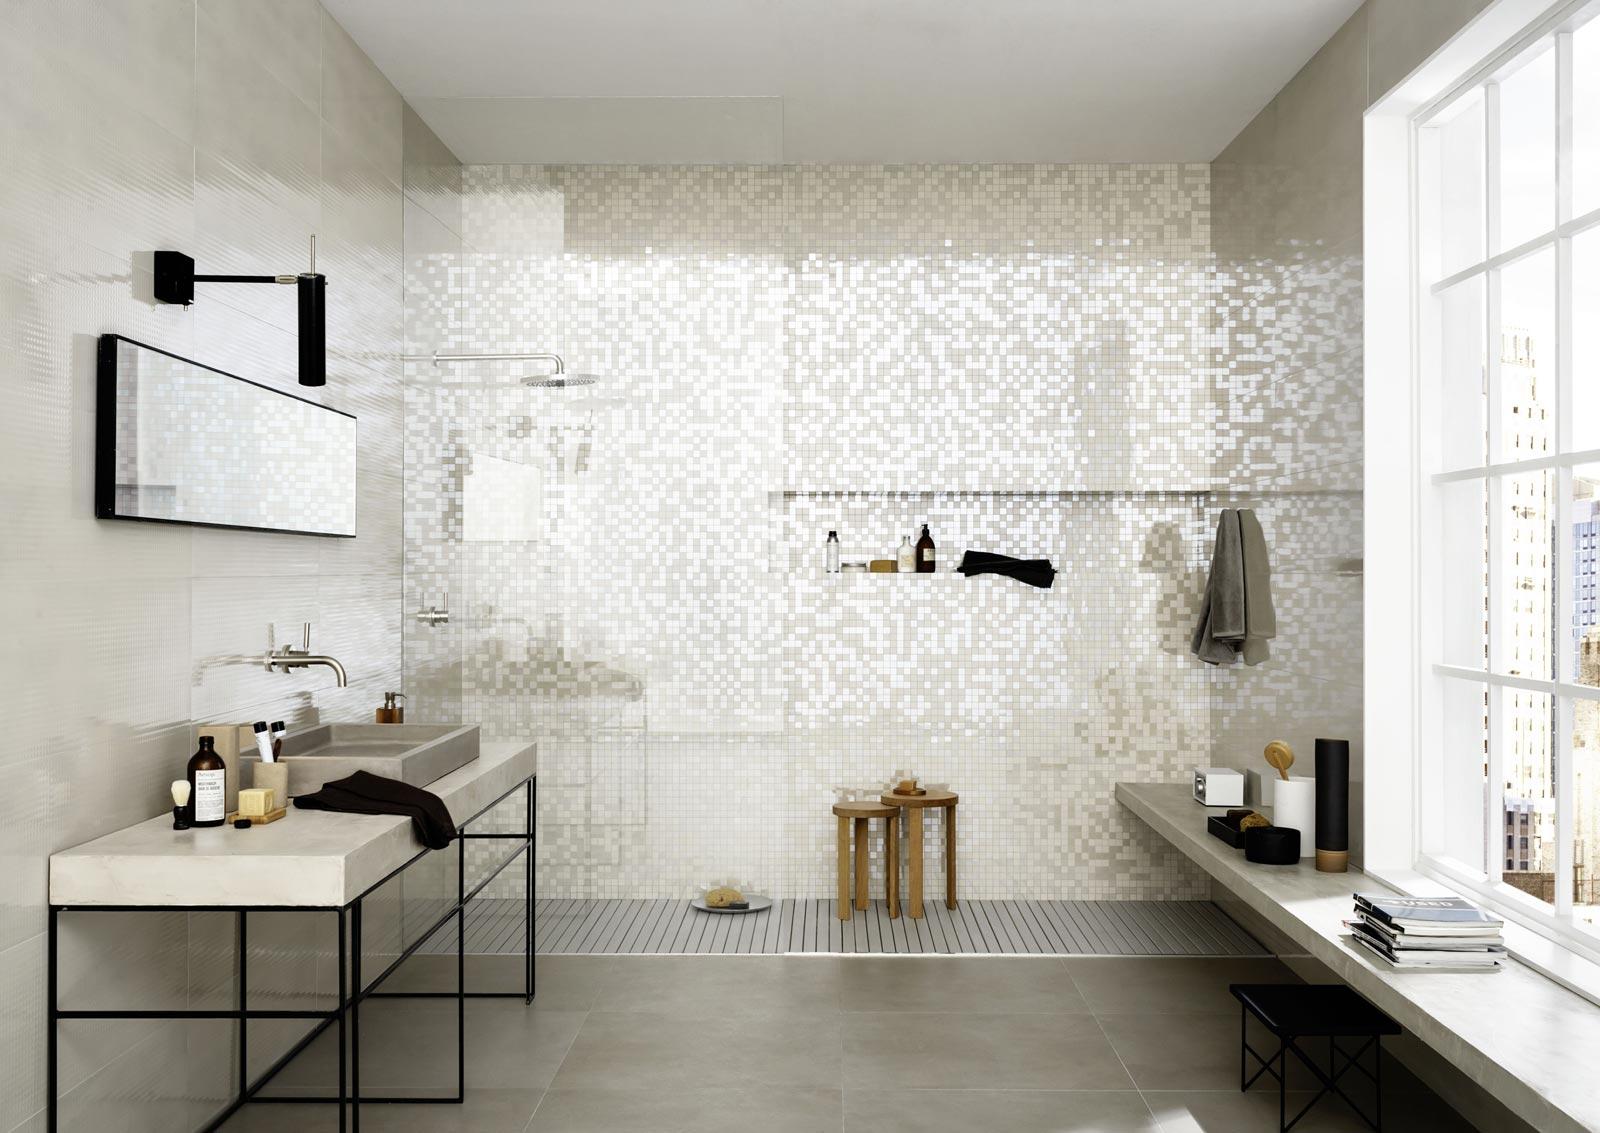 Carrelage salle de bain: céramique et grès cérame  Marazzi